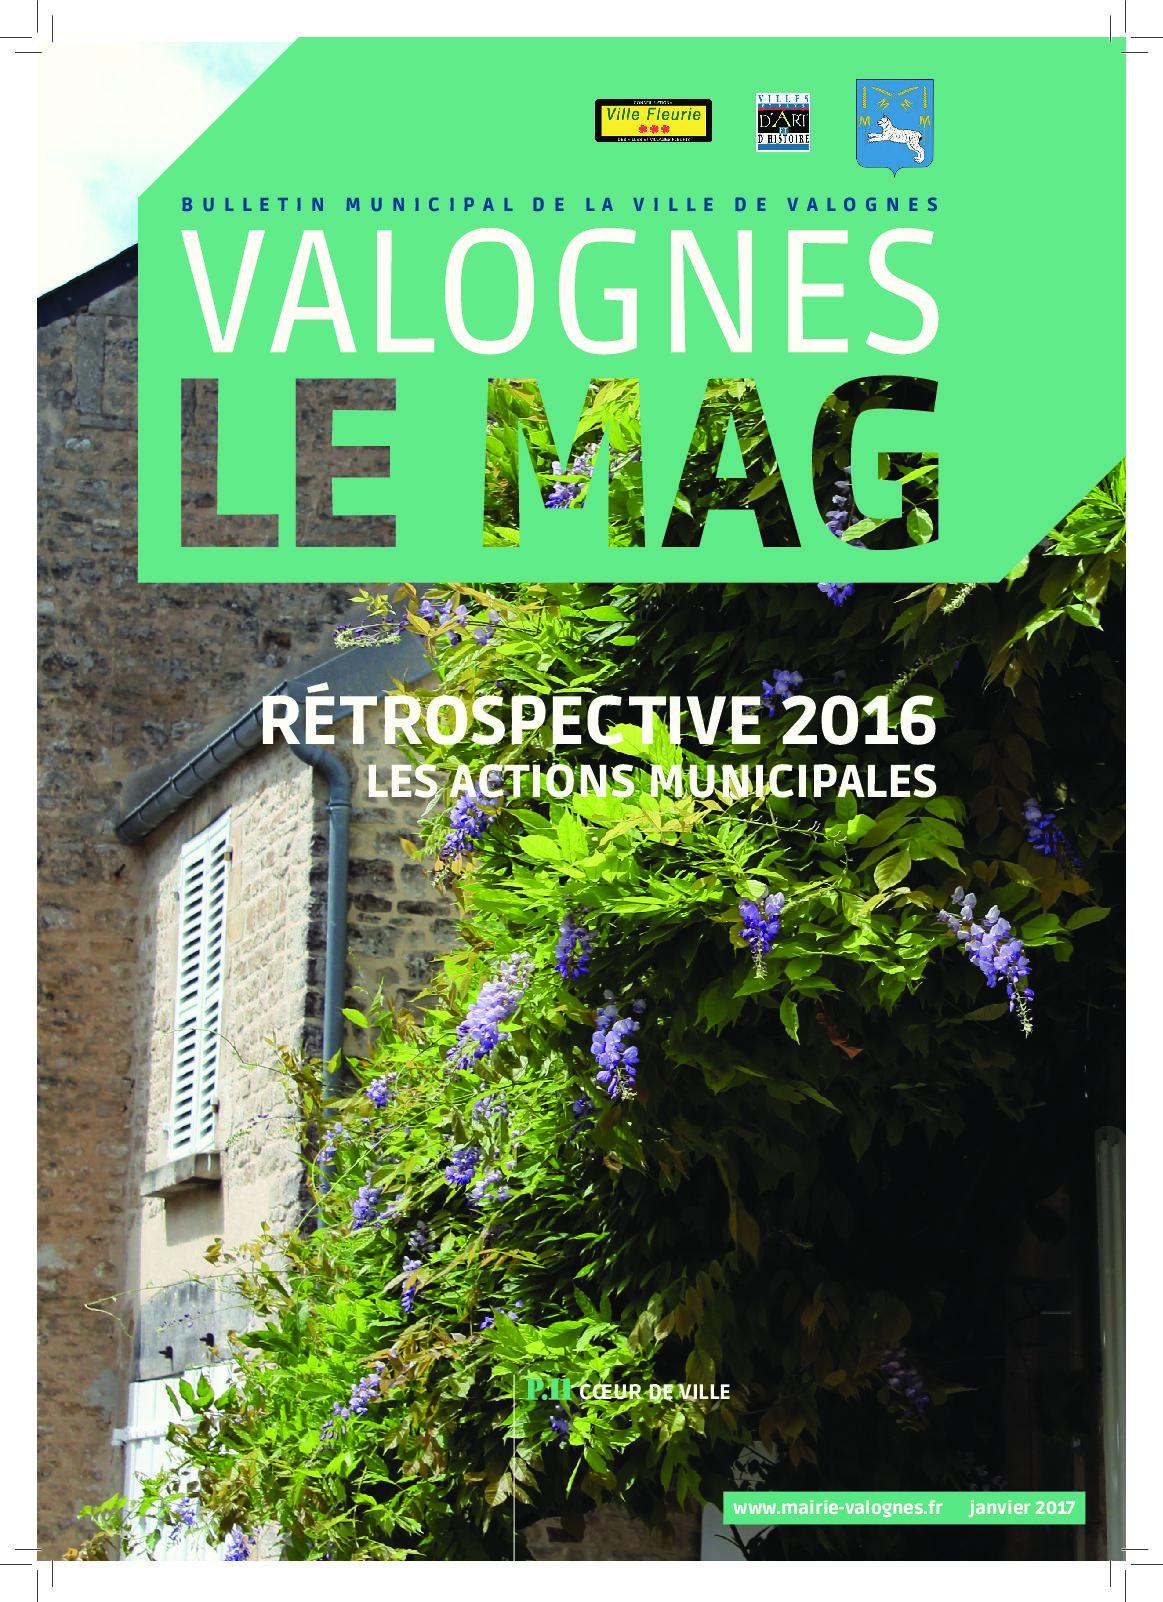 Bulletin municipal 2016 - Rétrospective 2016  Les actions municipales